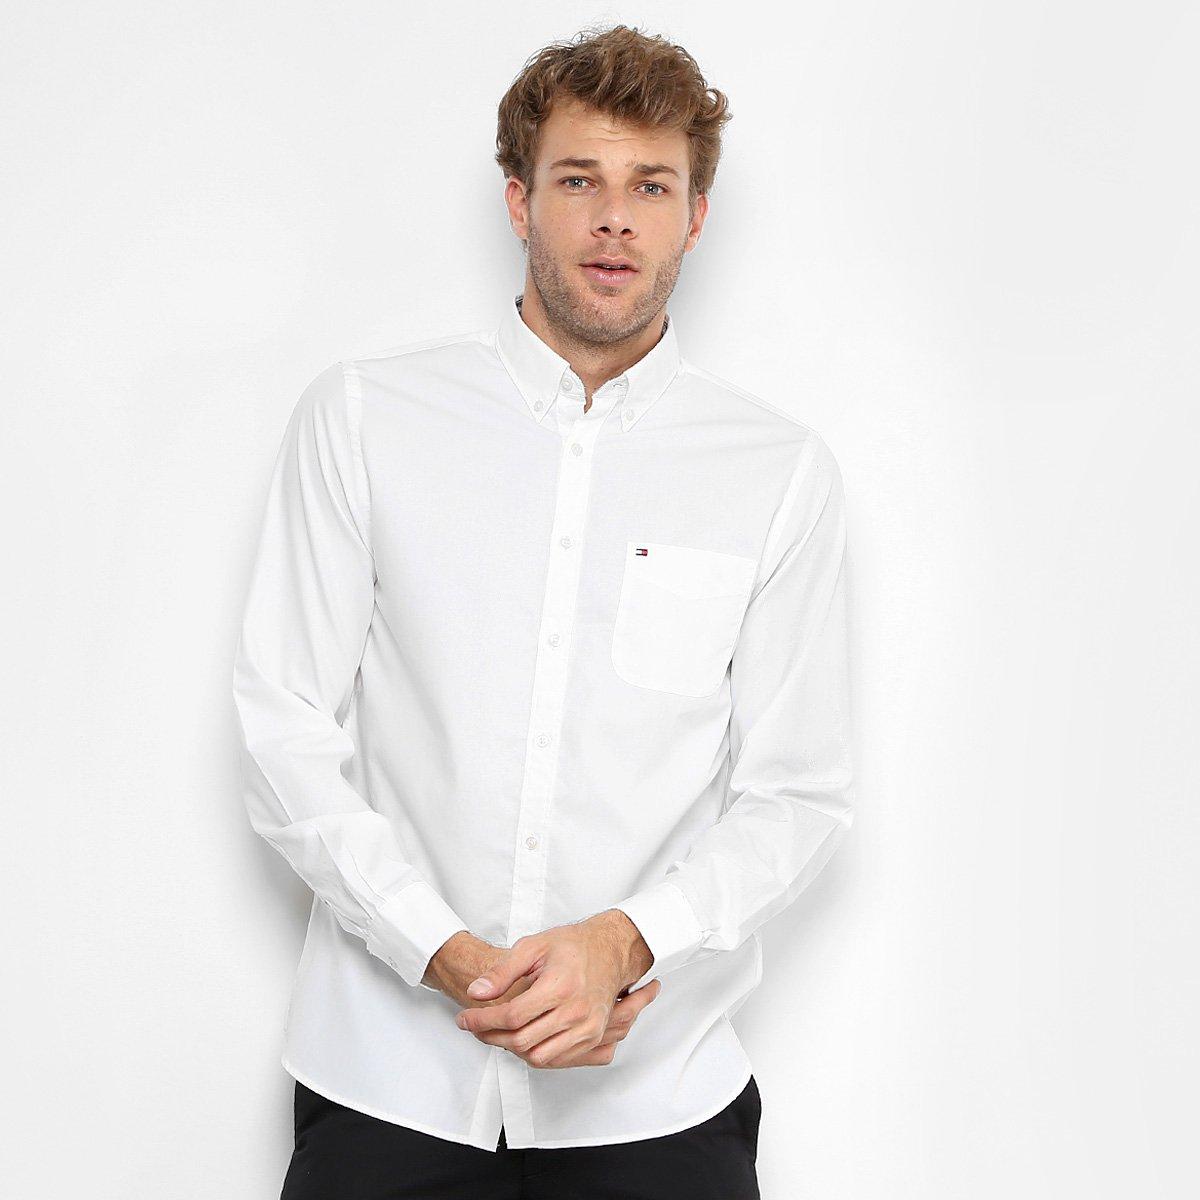 159c5668a8f Camisa Tommy Hilfiger Regular Fit Clássica Masculina - Compre Agora ...